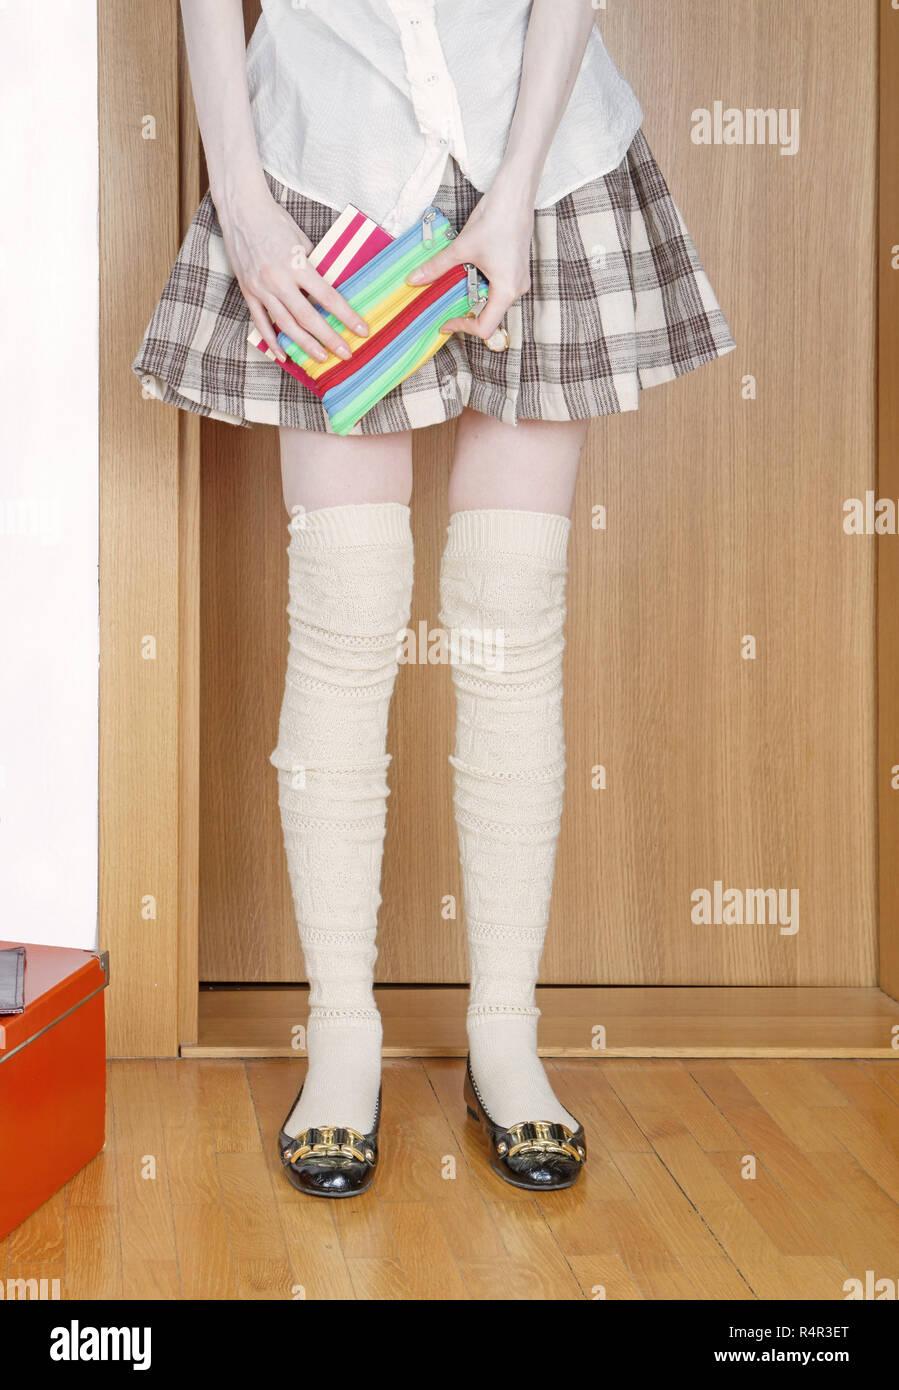 9b2559a623da Short Skirt Uniform Stock Photos & Short Skirt Uniform Stock Images ...